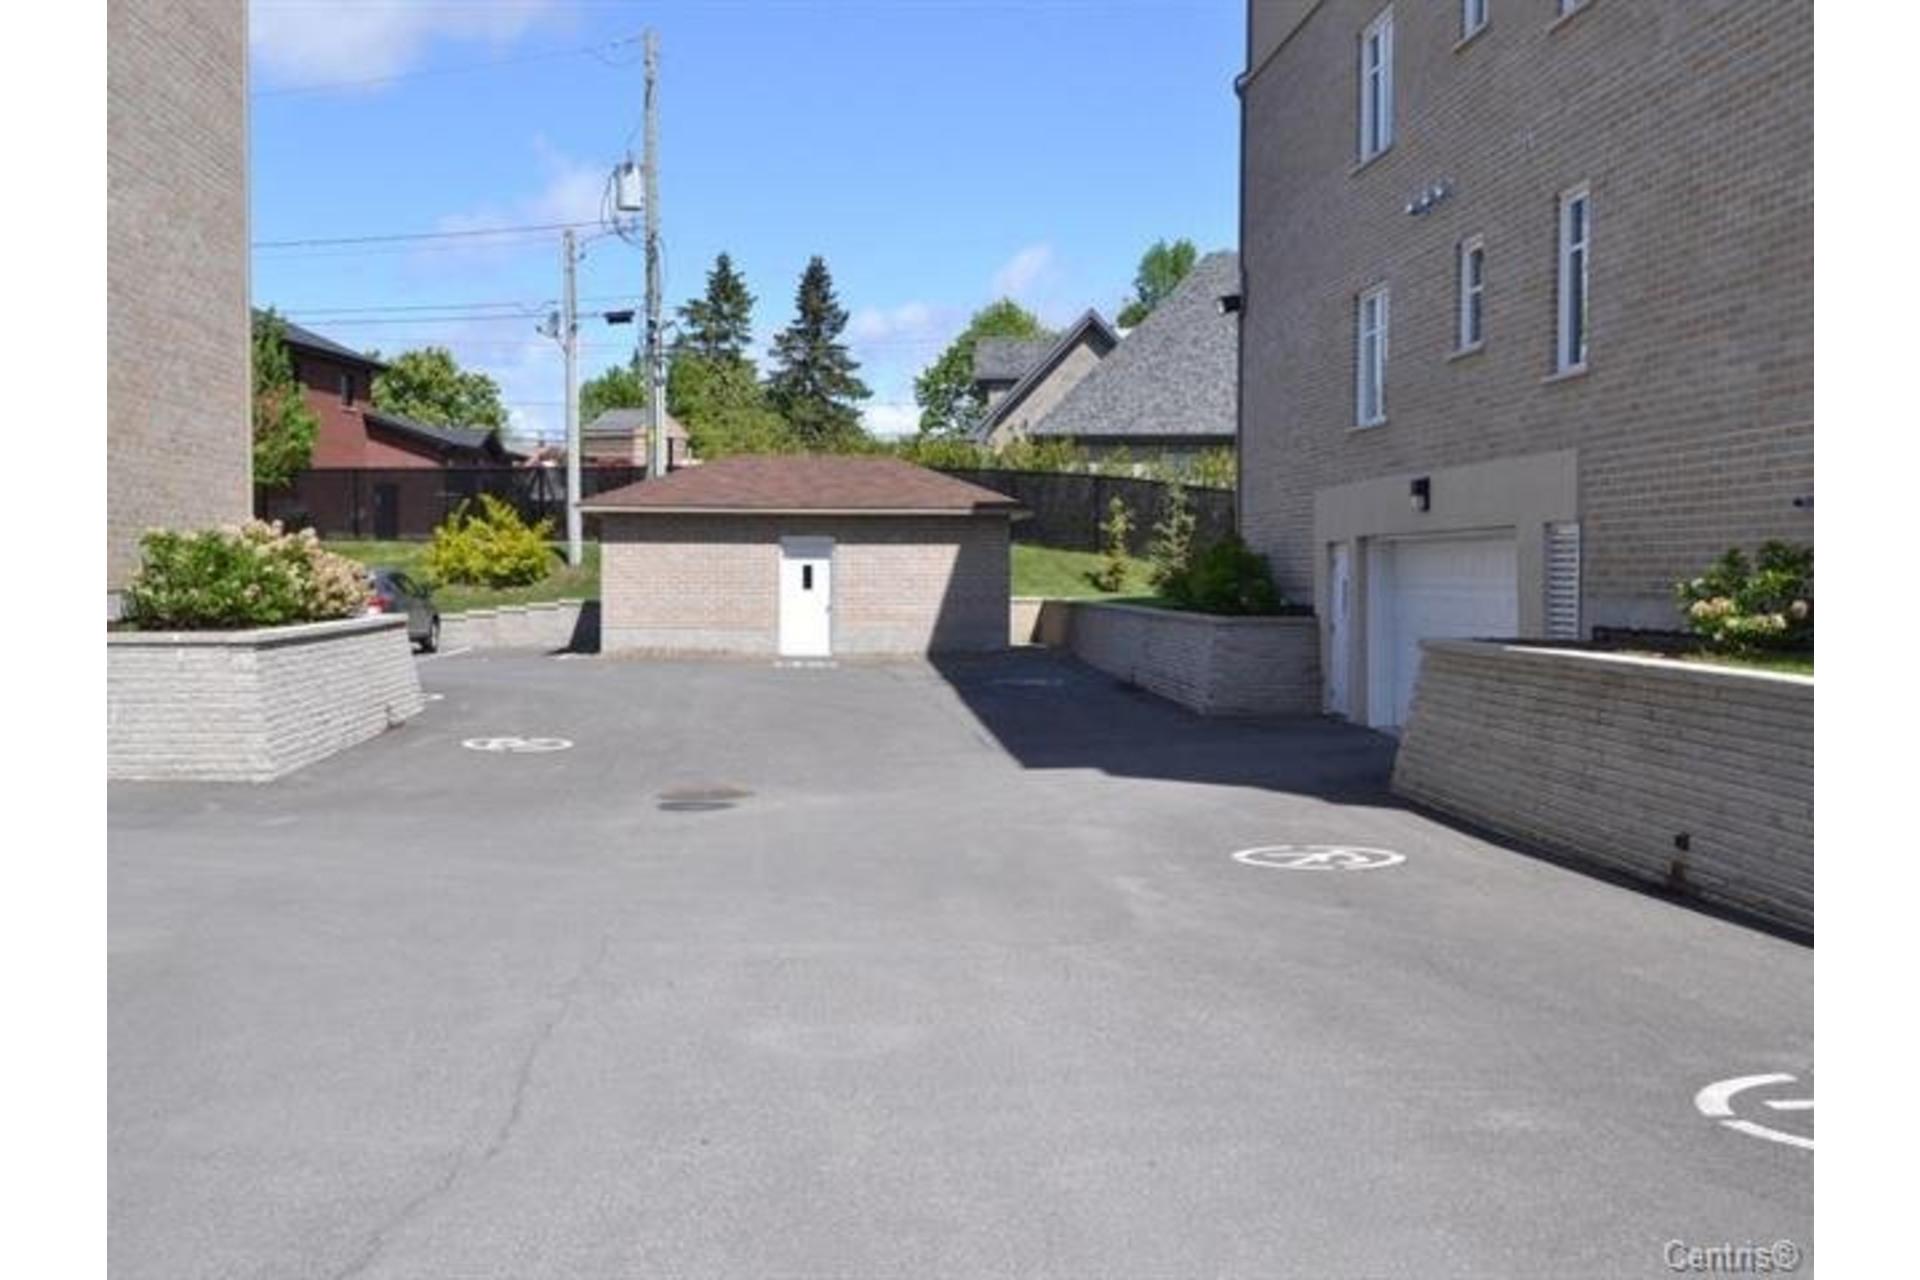 image 18 - Appartement À vendre Laval Duvernay  - 7 pièces